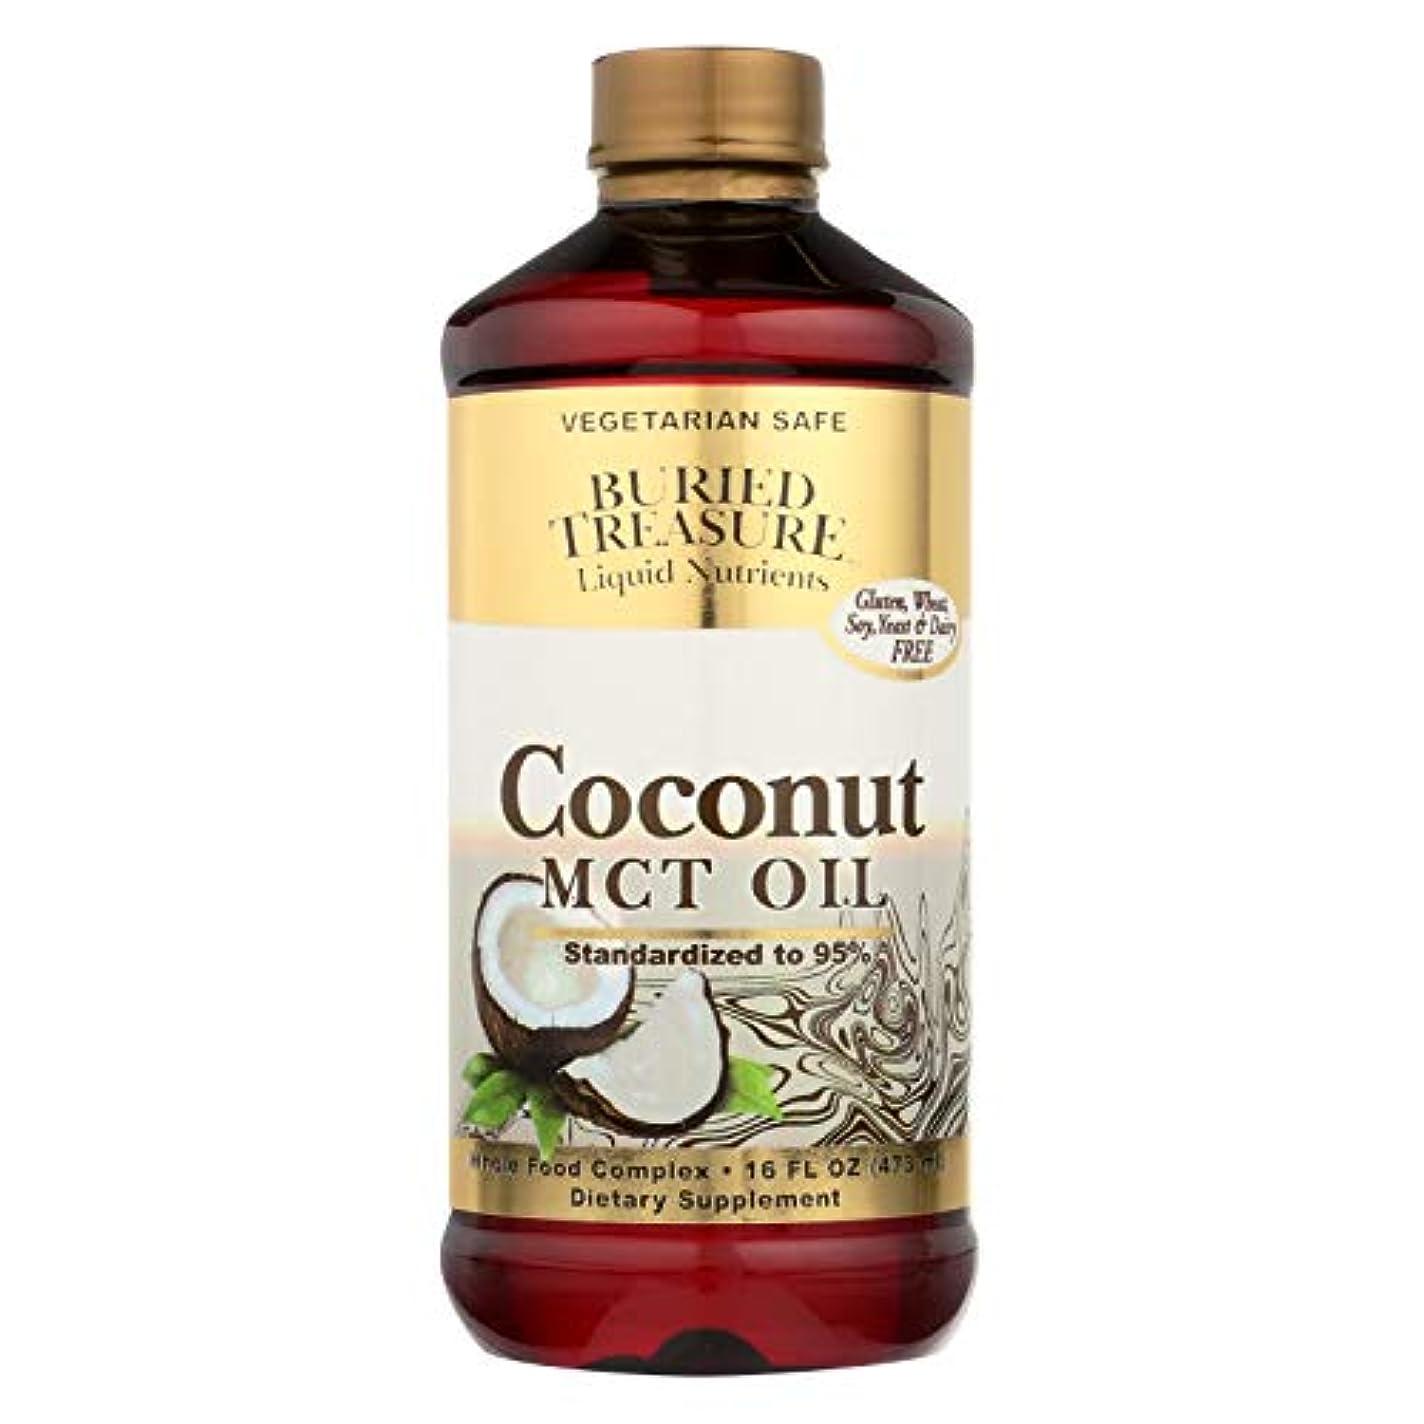 虫を数える無一文災害海外直送品Coconut Oil MCT, 16 oz by Buried Treasure